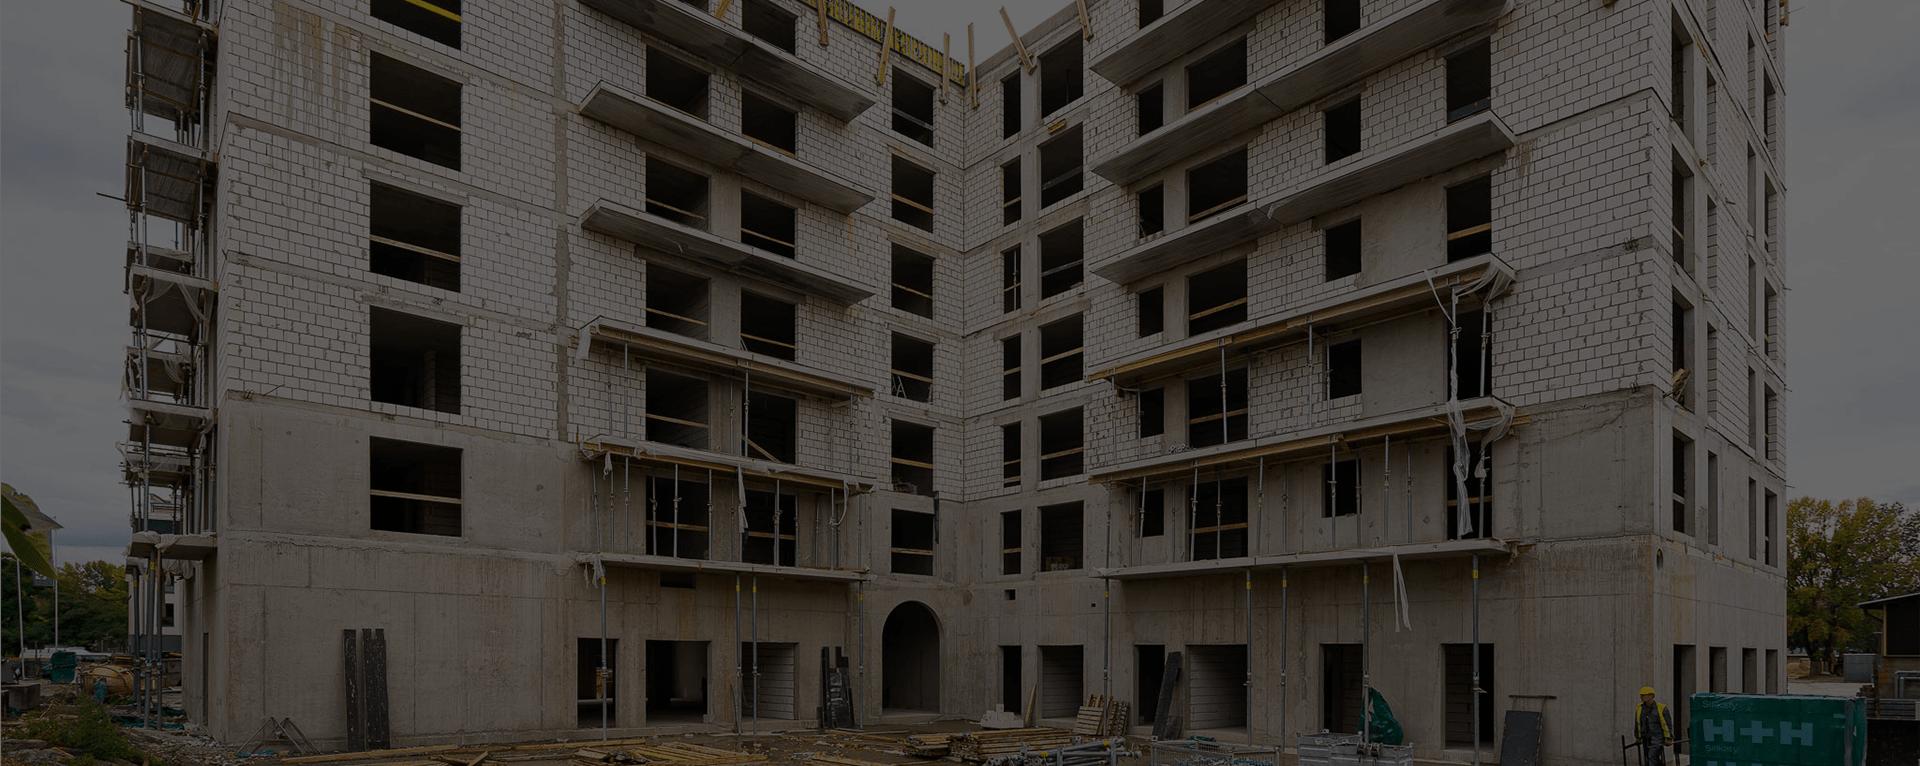 Halo Apartamenty - postępy w budowie - 1